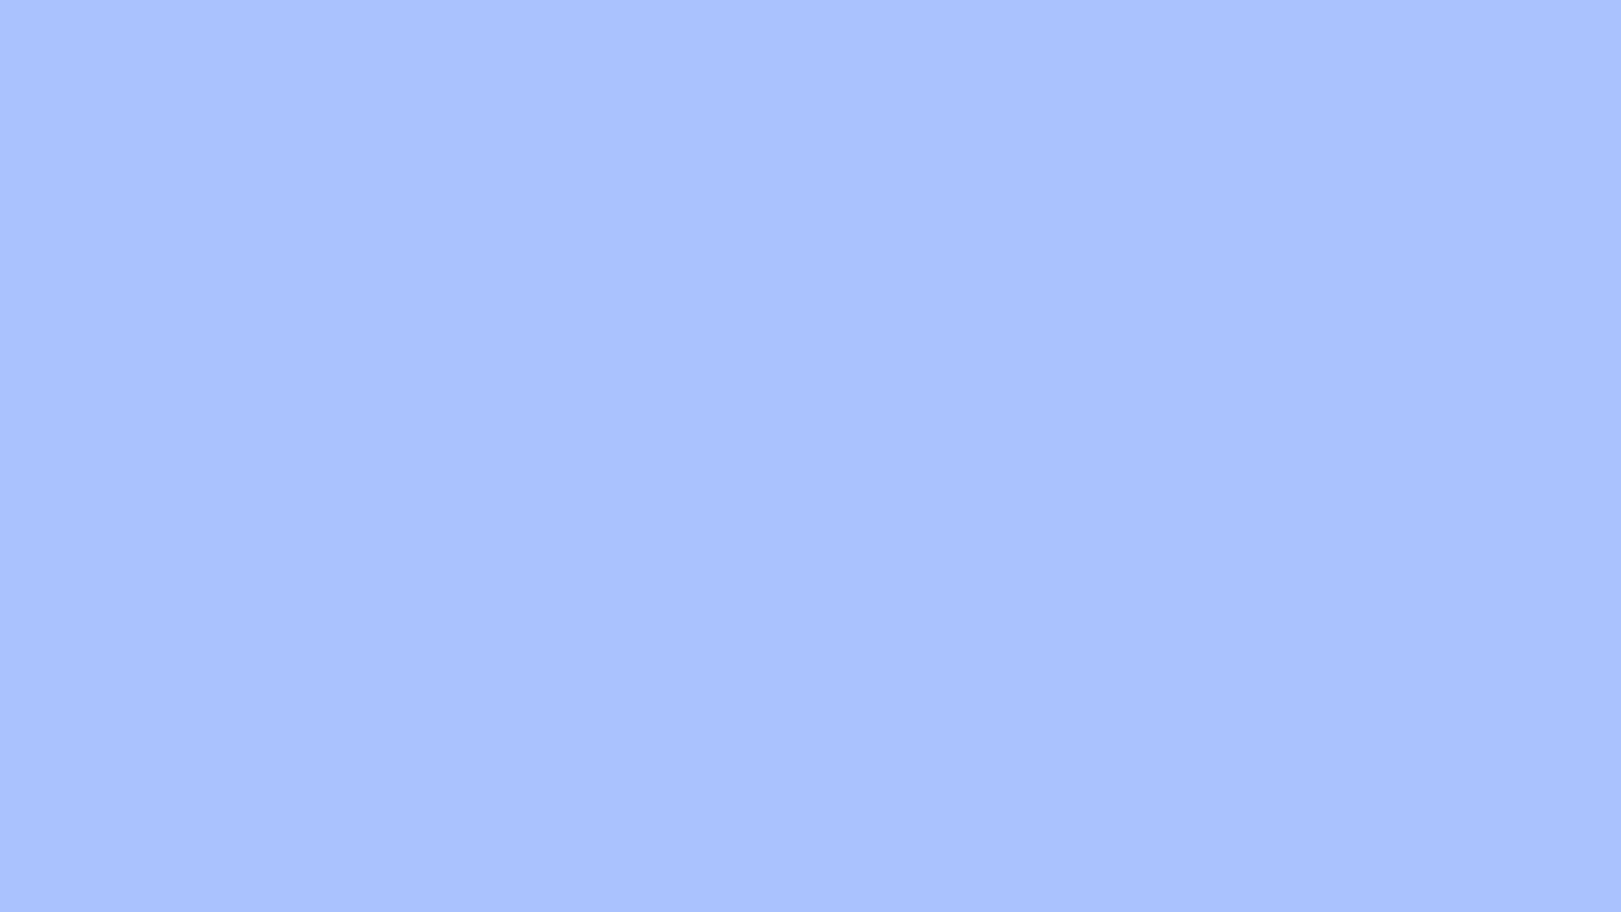 404 error Clipart illustration in PNG, SVG